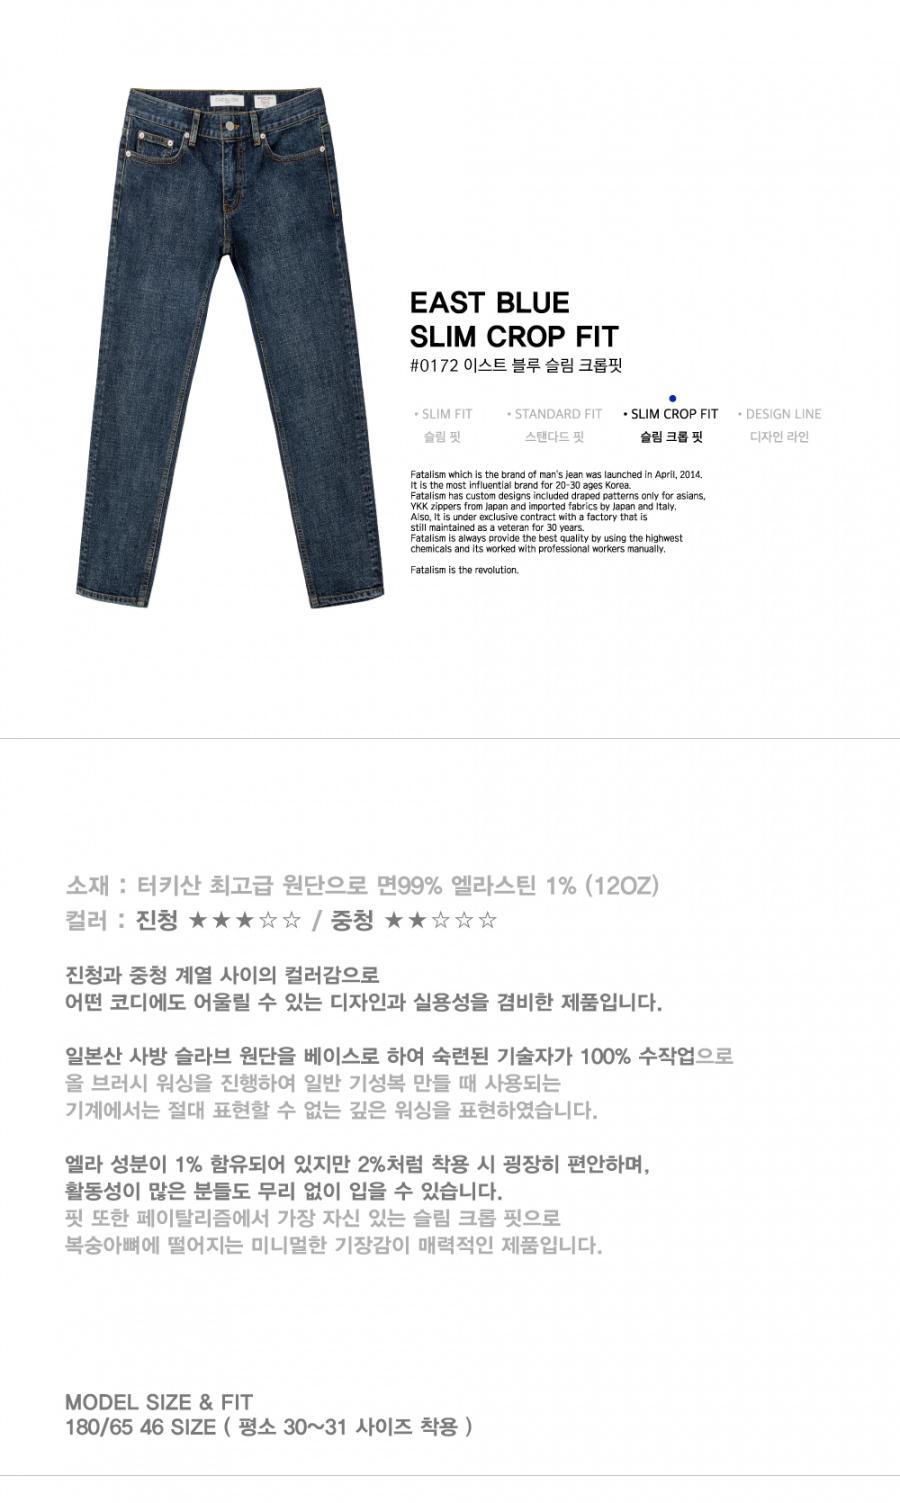 페이탈리즘(FATALISM) [라스트오더]east blue slim crop fit #0172